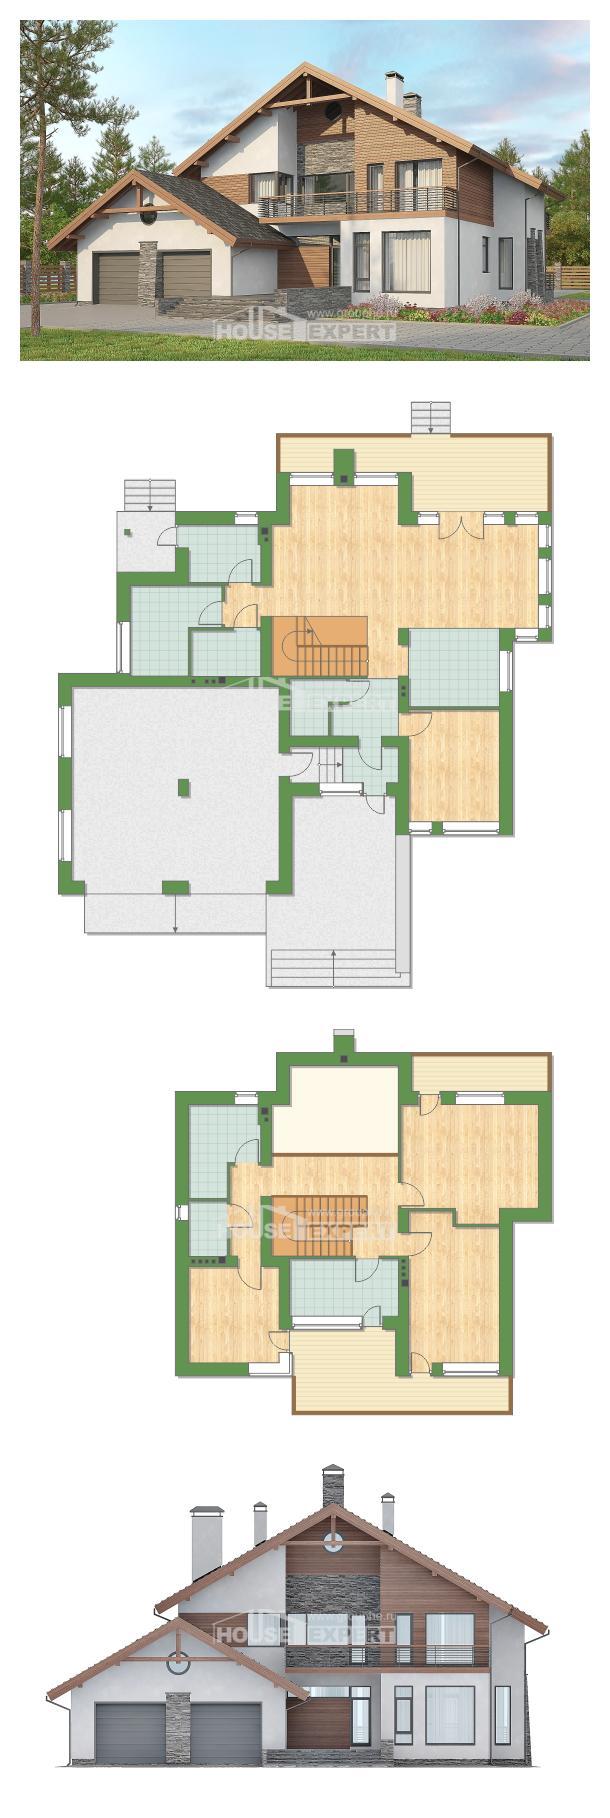 خطة البيت 270-003-L   House Expert